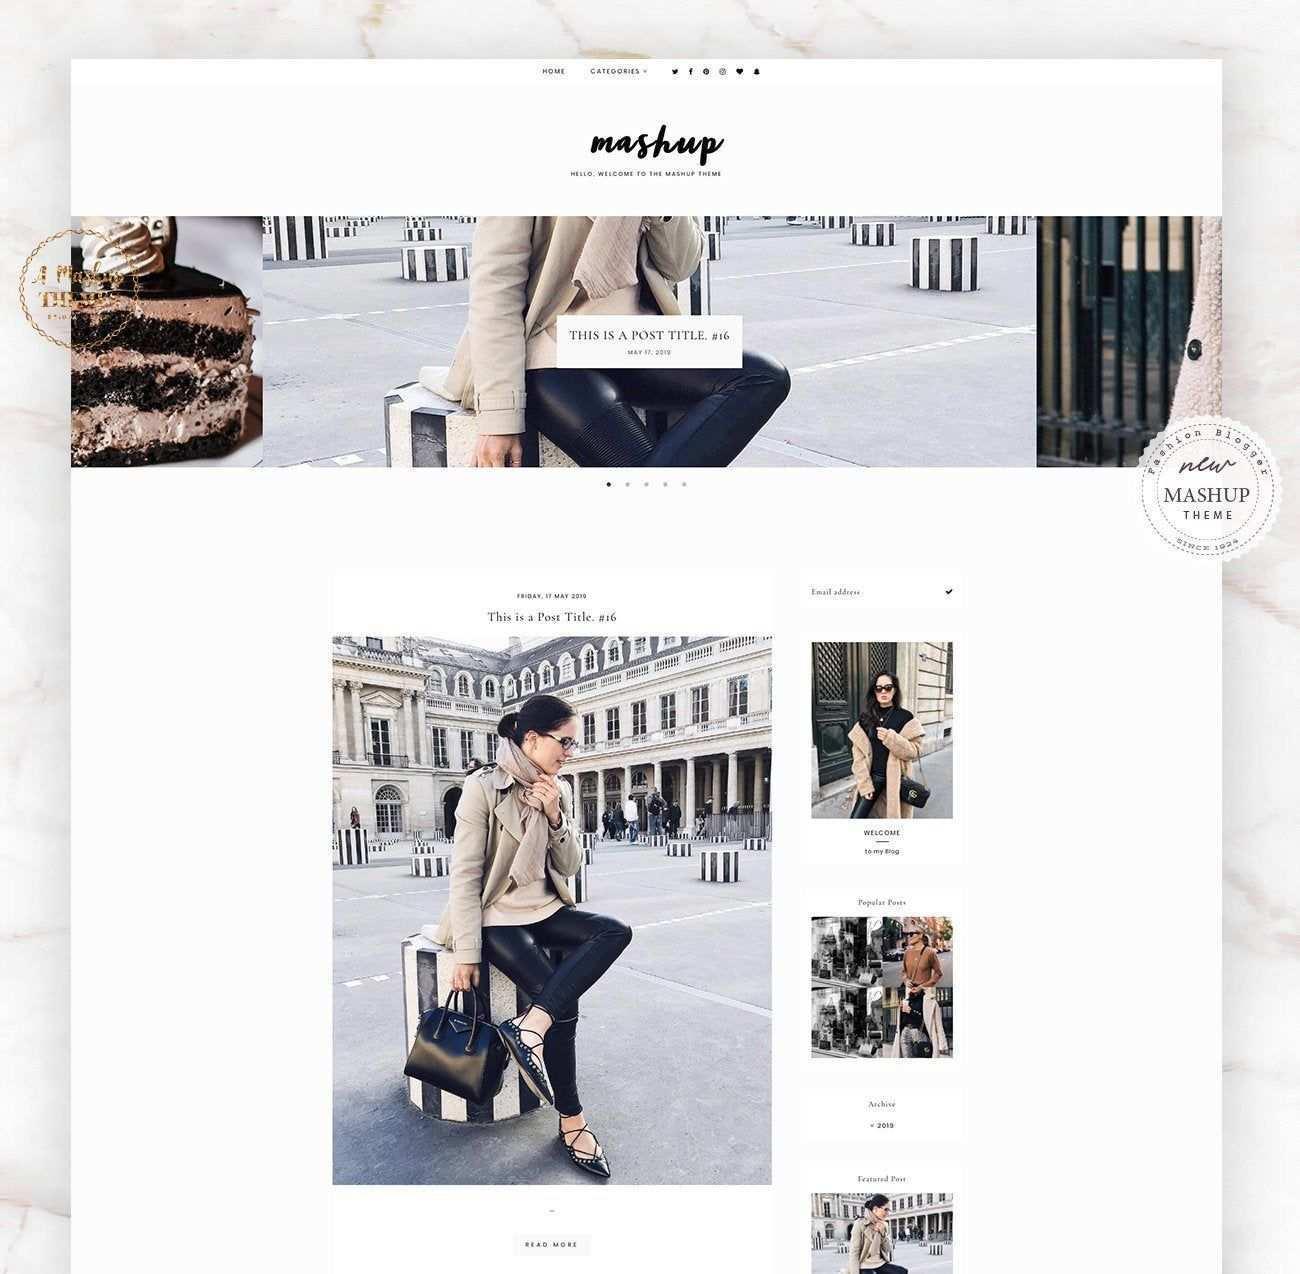 Updated Mash Theme Blogger Template Responsive Design Custom Blogger Design Responsive Blogger Template Blogger Theme Blogspot Template Mit Bildern Vorlagen Thema Web Design